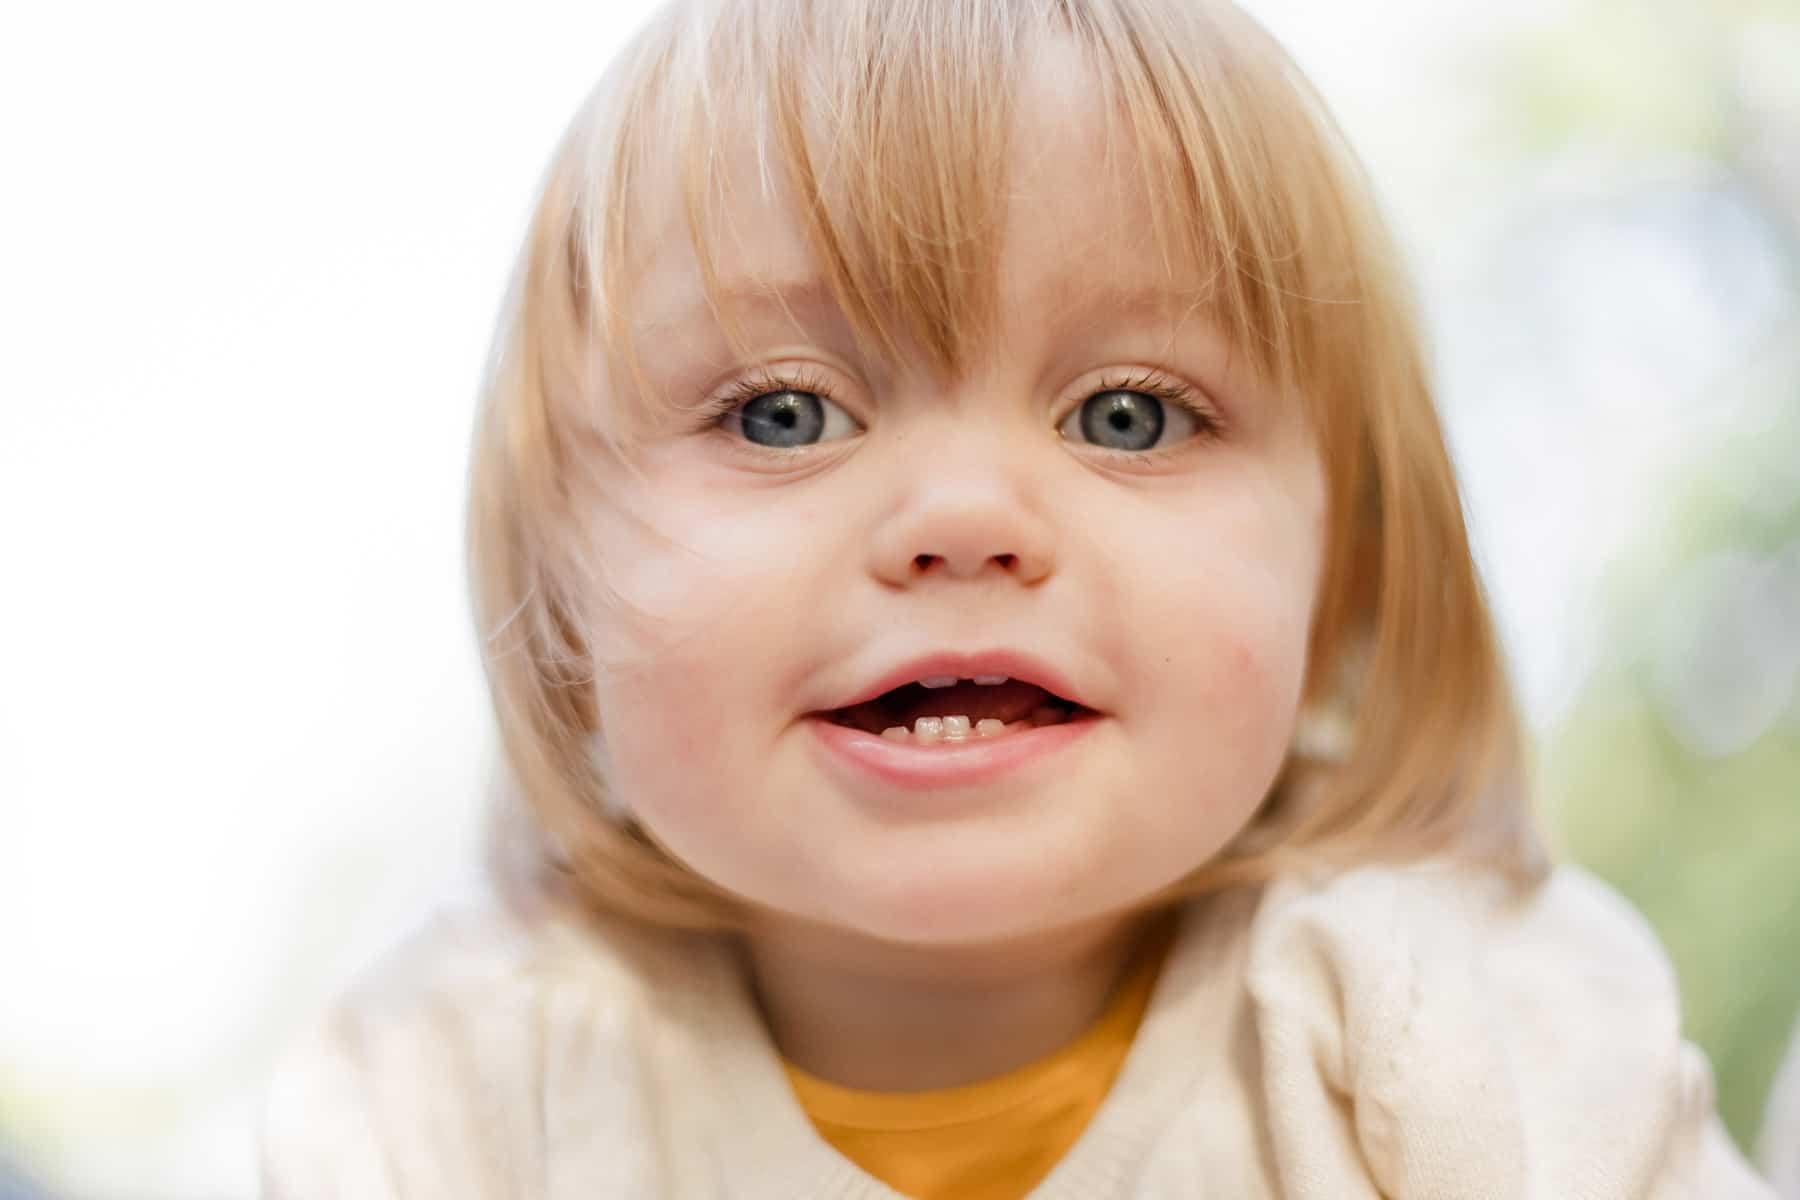 photographe famille enfants bebe bordeaux parc lifestyle fineart francais sarah miramon alexie alicia adrian 03